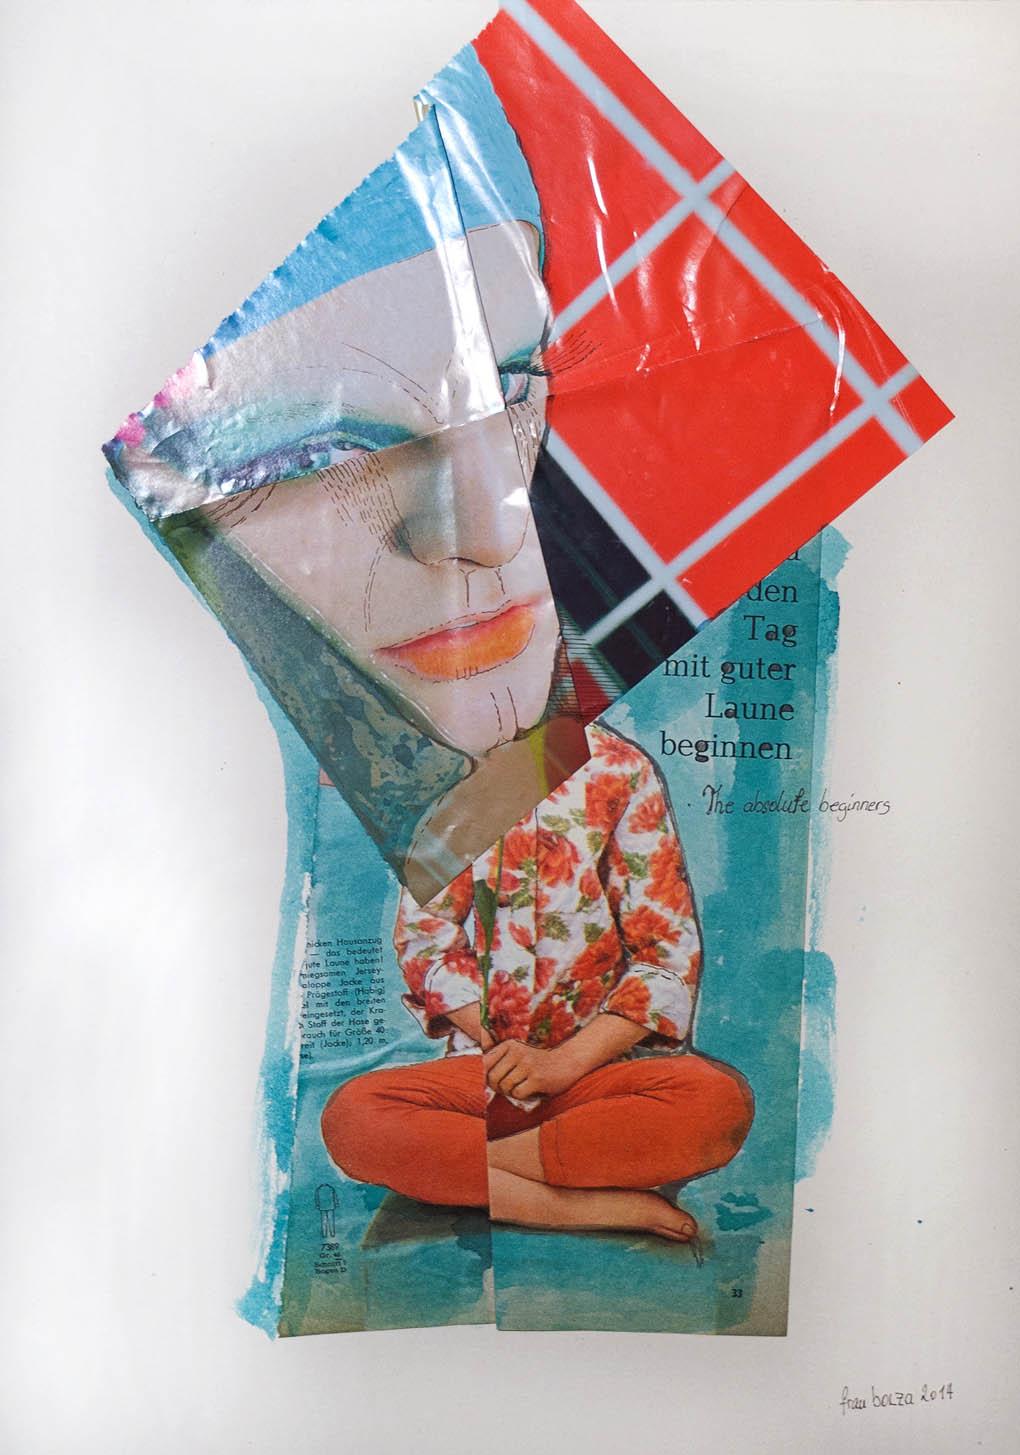 lotta continua conceptual collage© fraubolza 2014